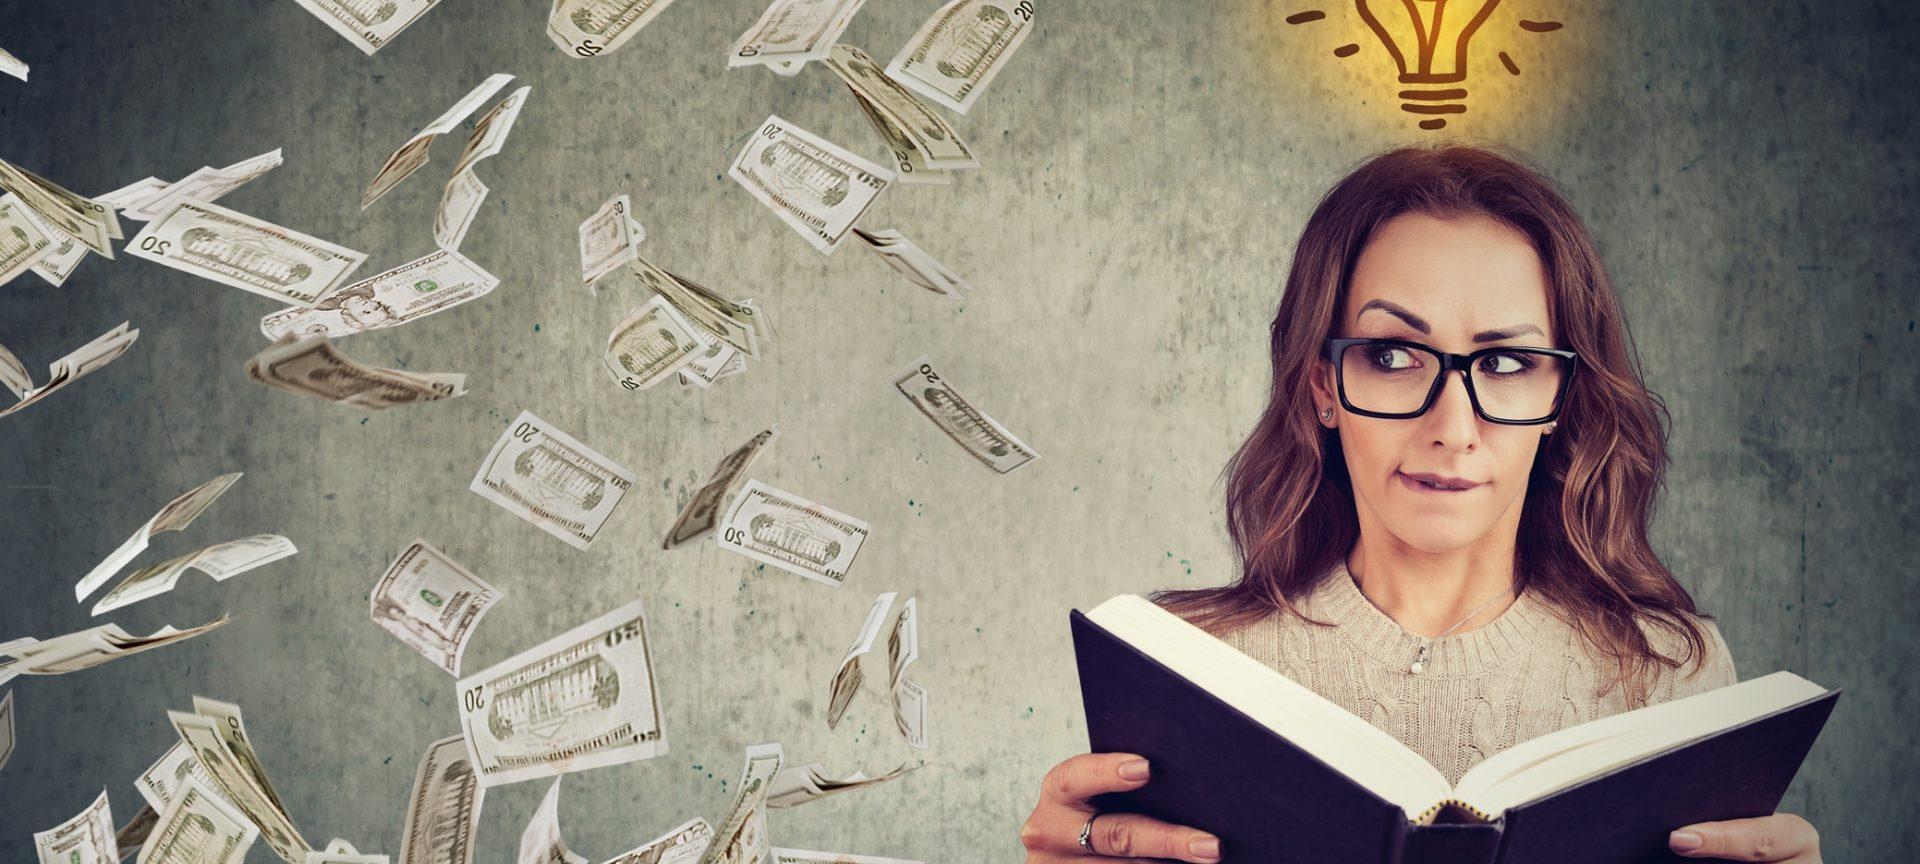 site- uri de top unde puteți face bani cum poți câștiga bani fără să pleci de acasă